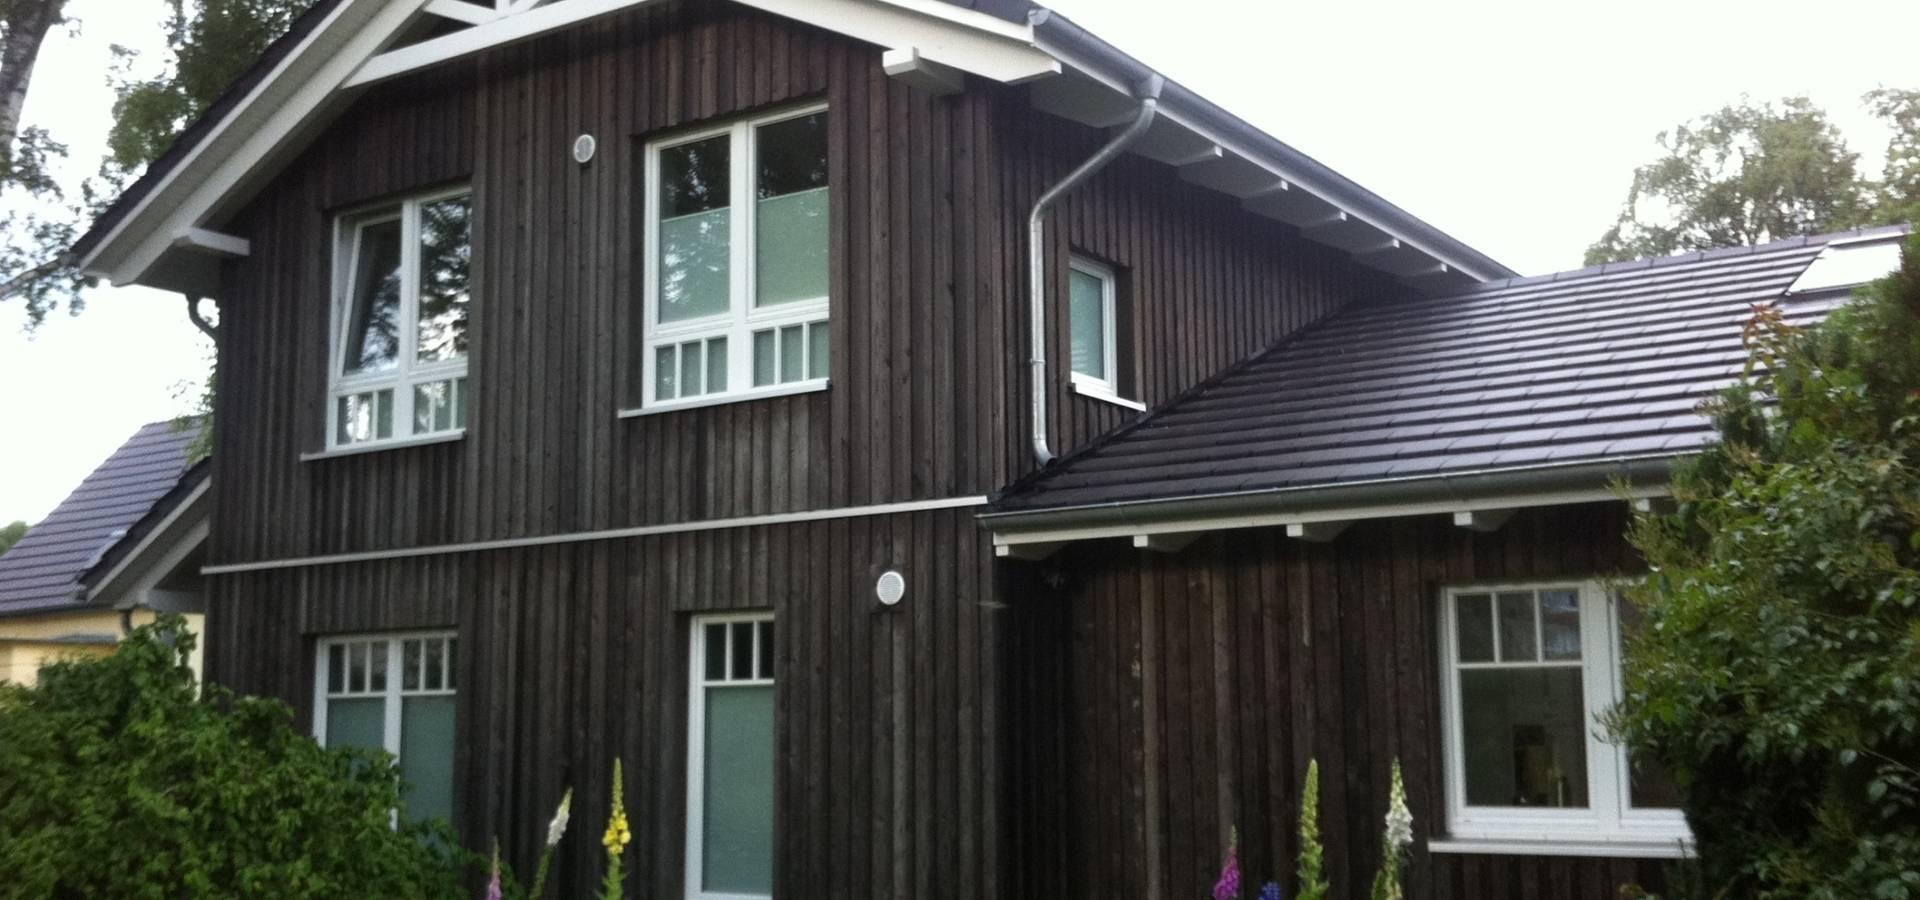 Haus In Holzstanderbauweise By Rita Meyer Architektin Homify